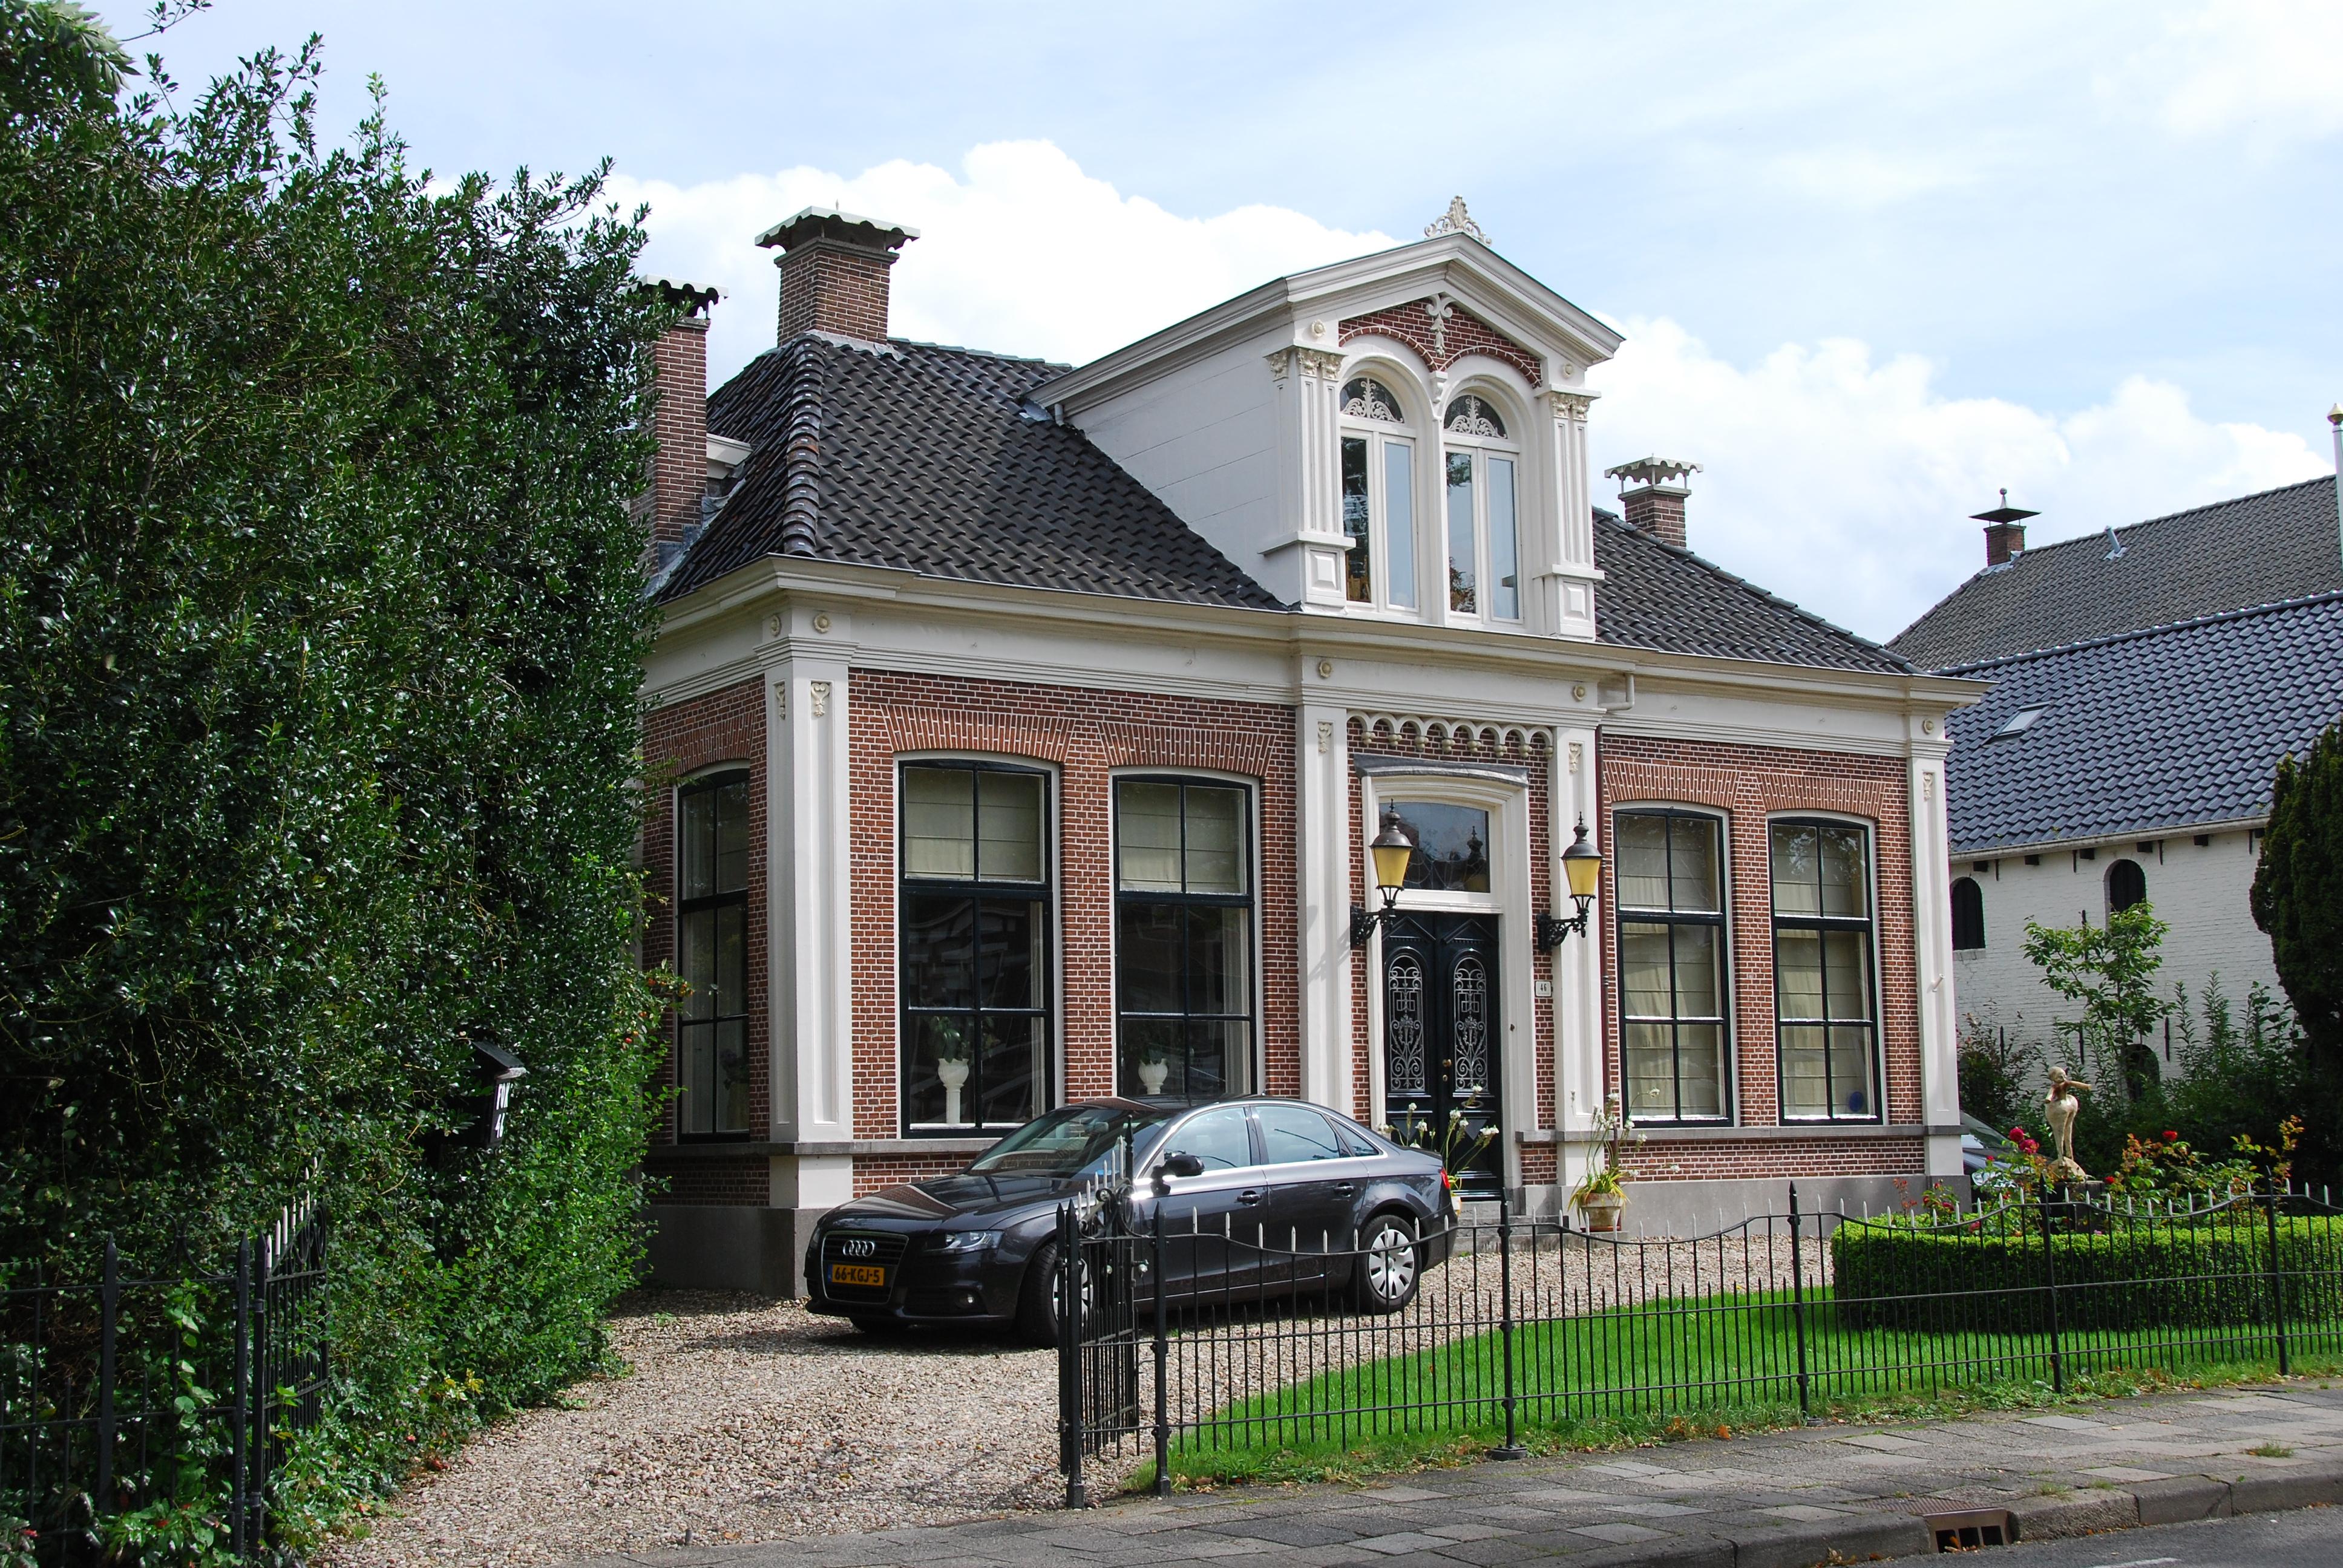 Woonhuis in eclectische stijl in heerenveen monument for Eclectische stijl interieur